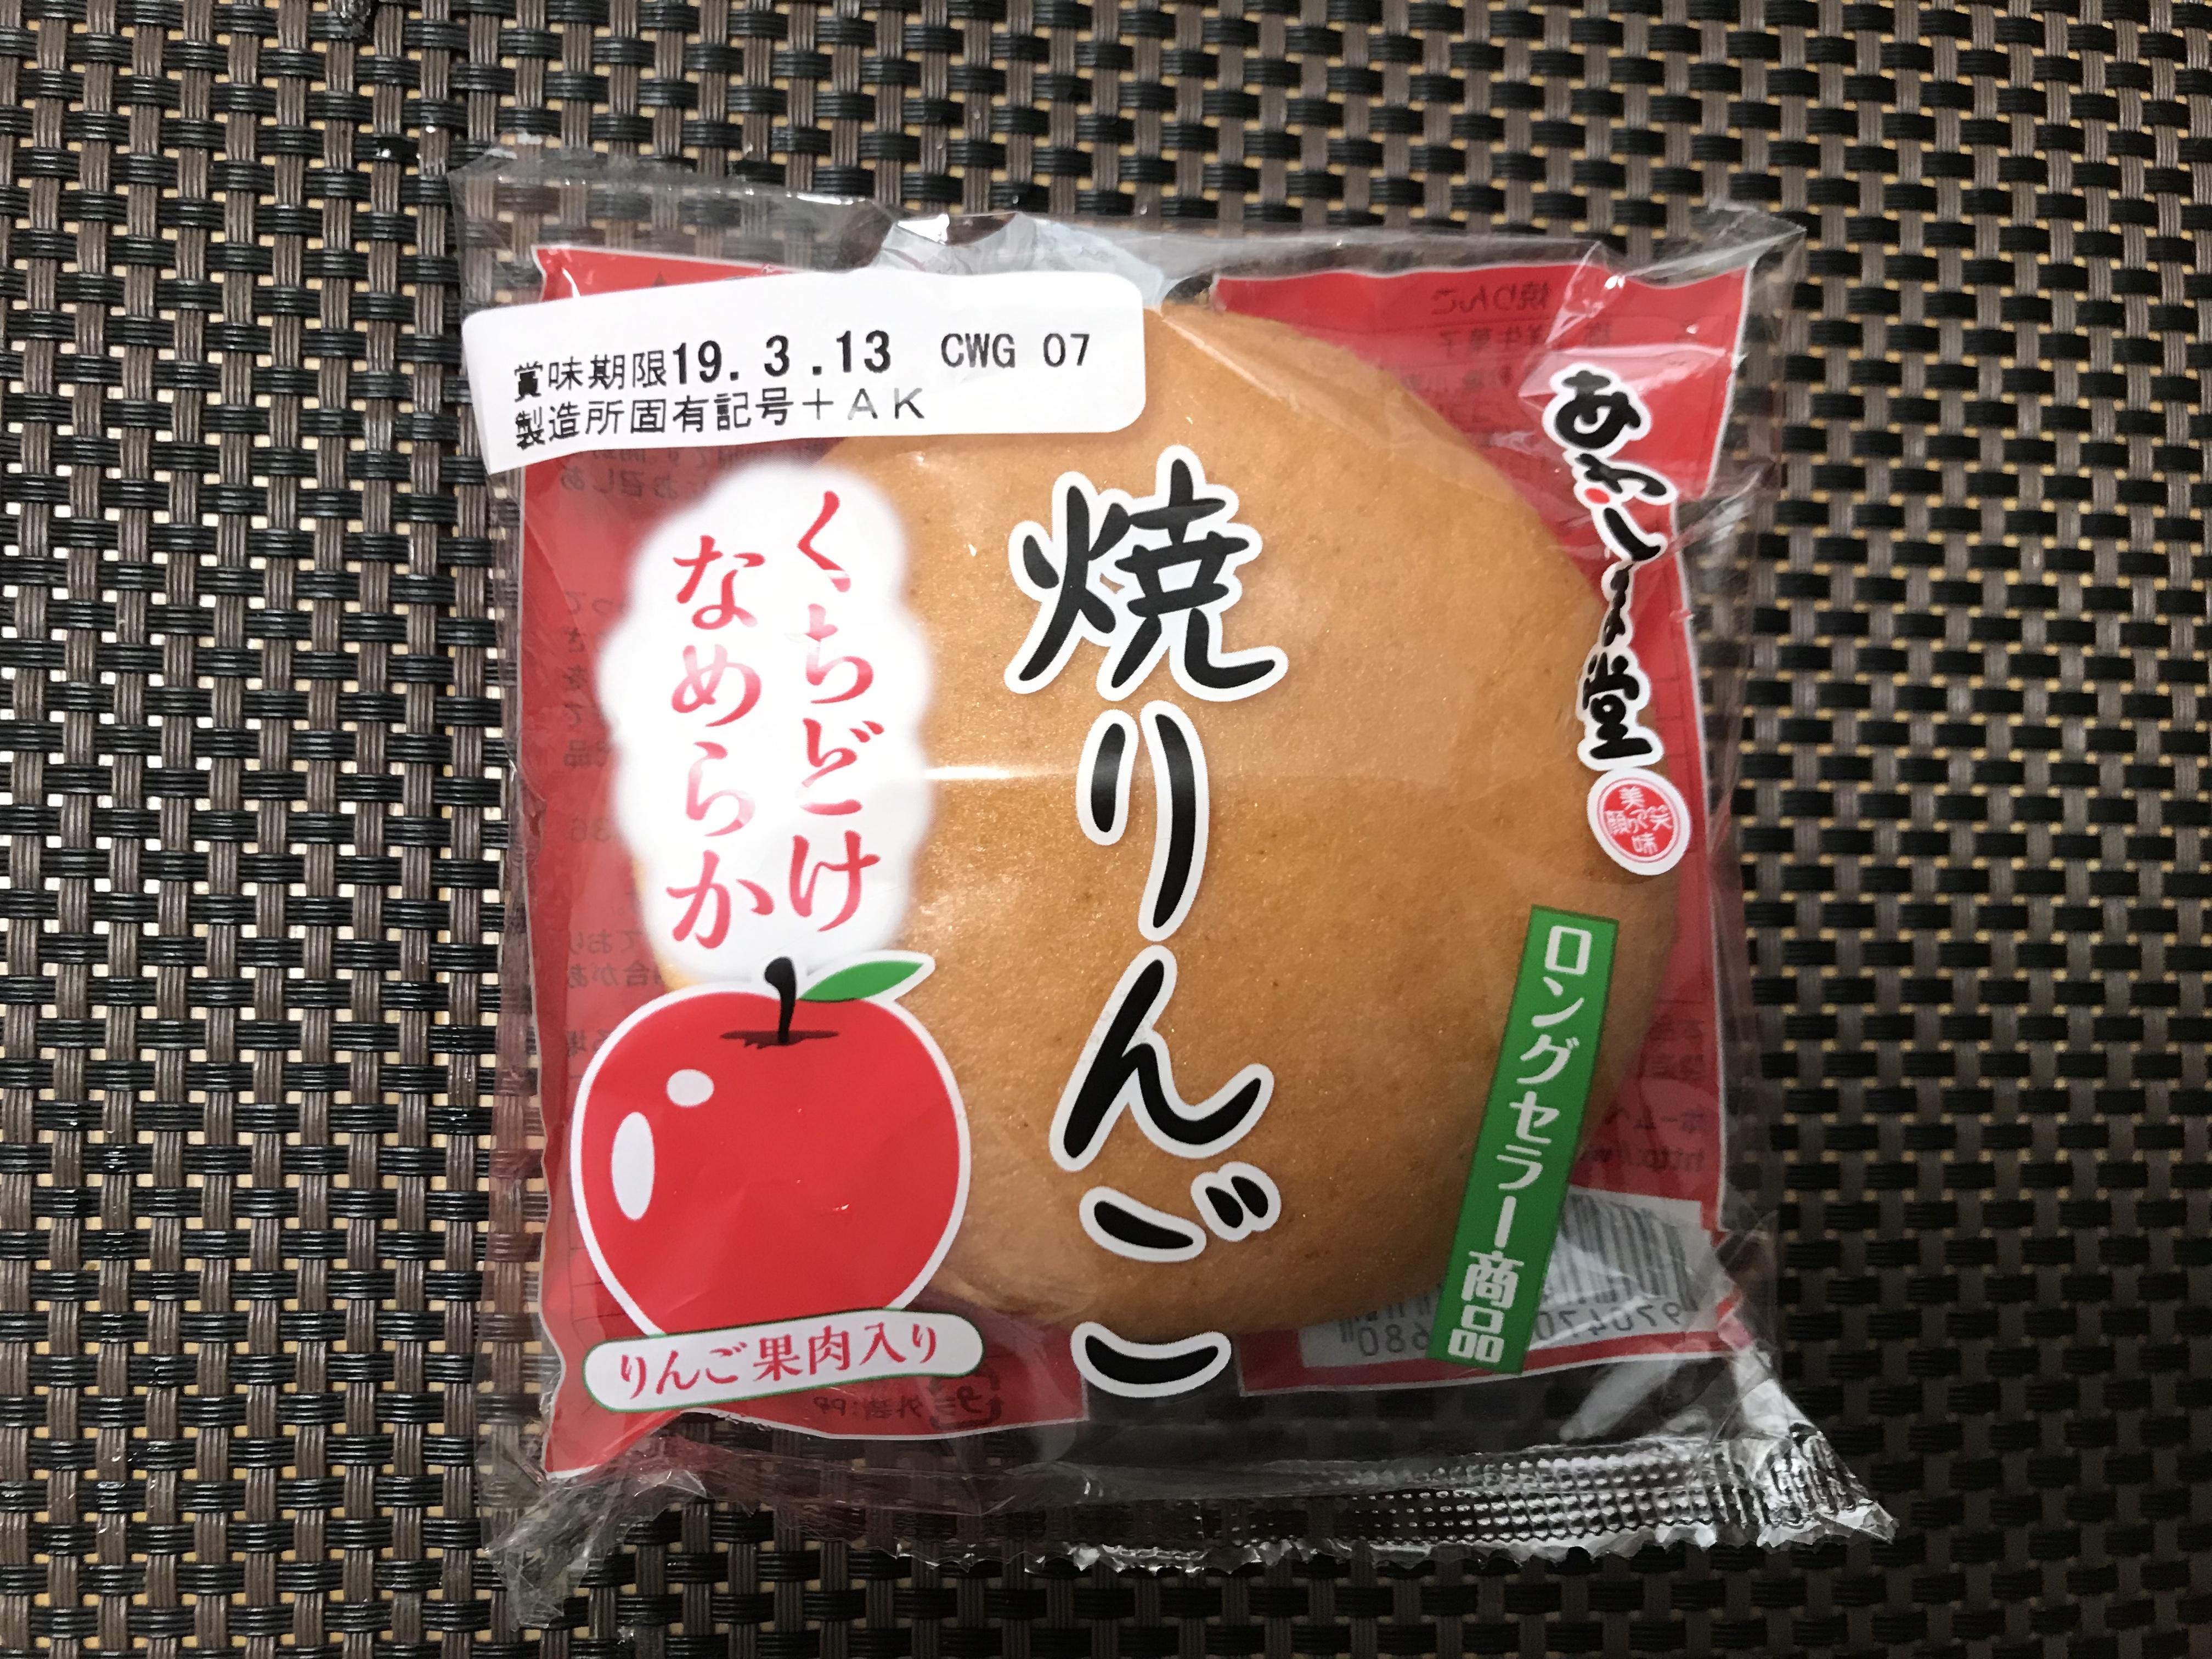 バタークリーム&りんごのシャキシャキ感が味わえる!あわしま堂のロングセラー商品「焼りんごブッセ」を食べてみたよ!